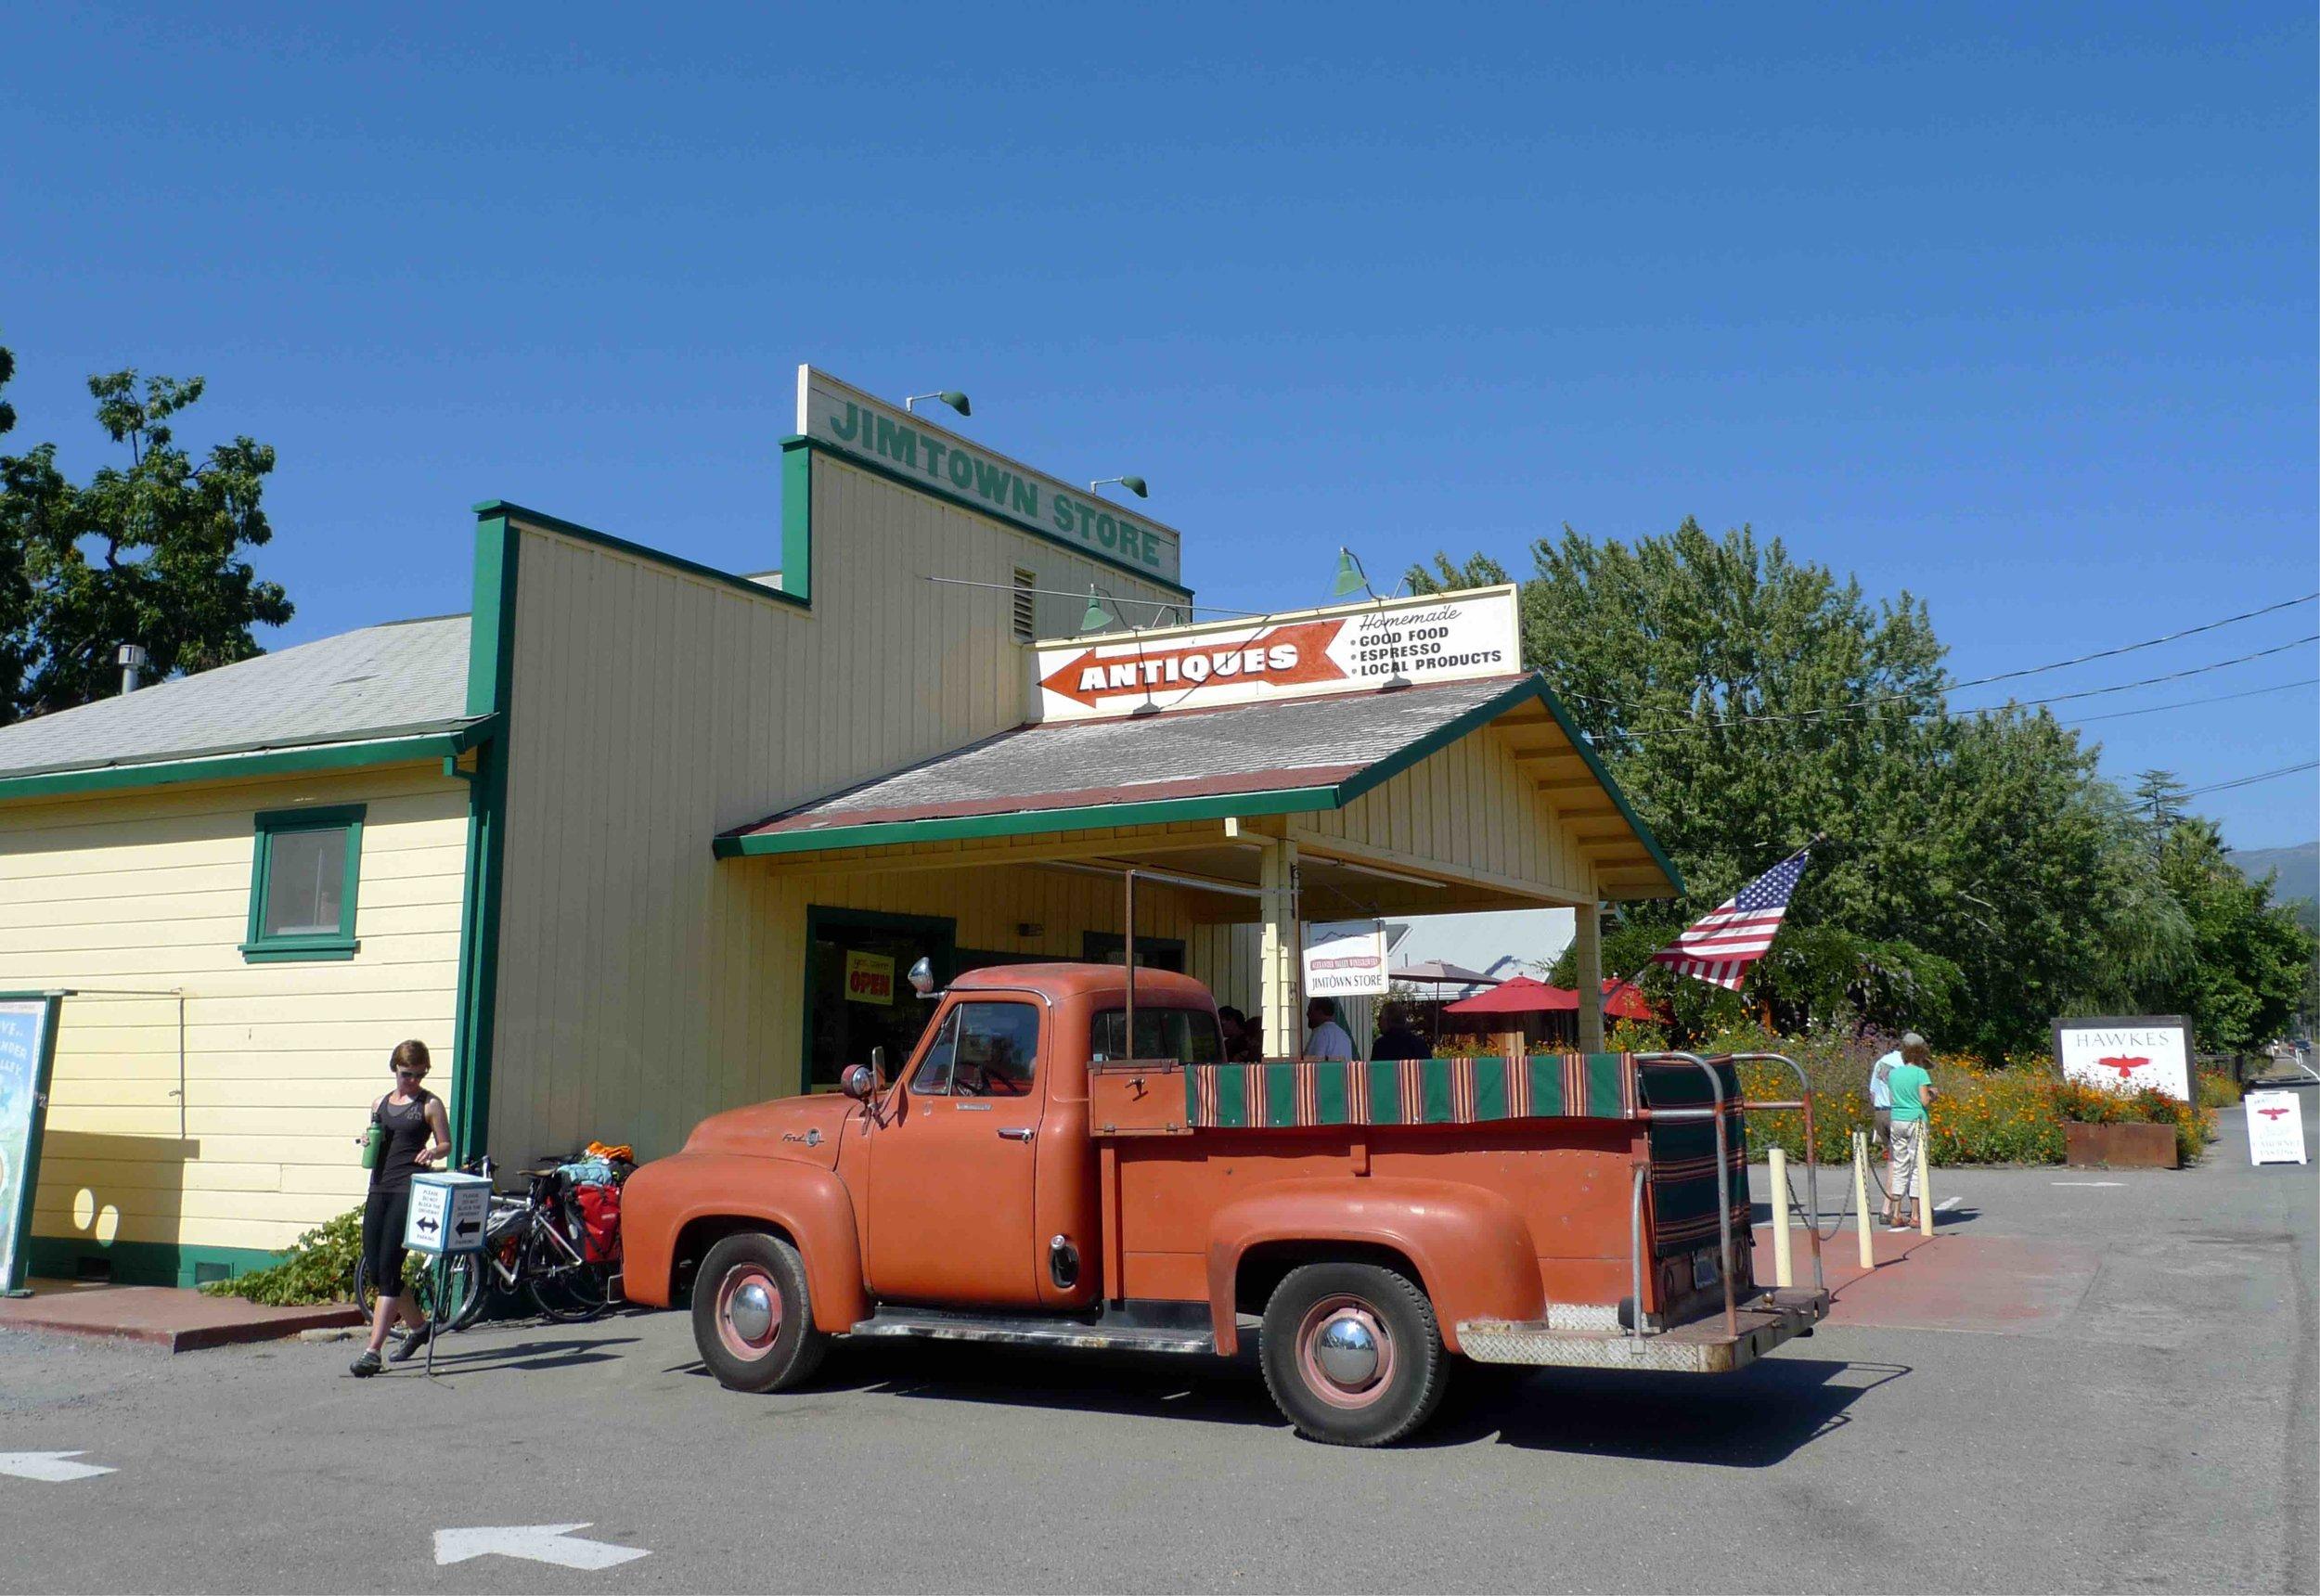 Jimtown Store, CA